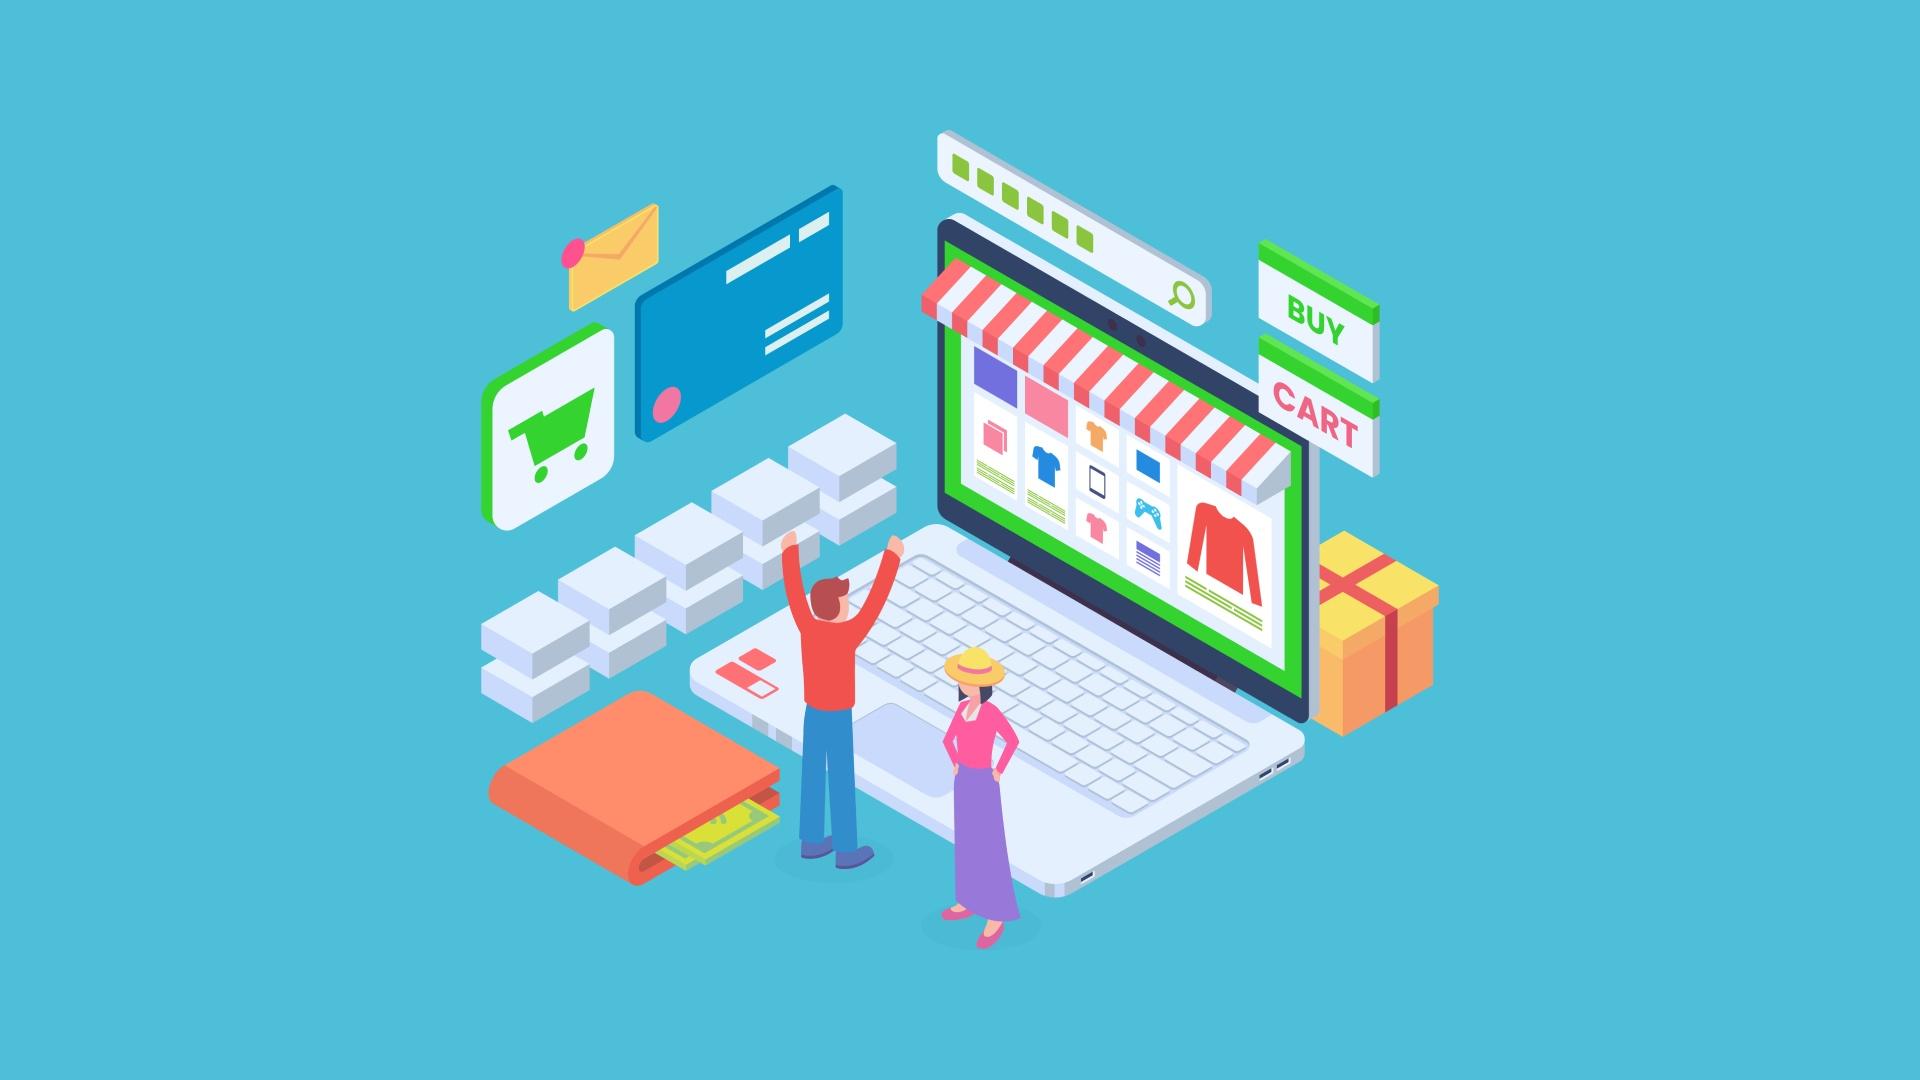 Mitos e verdades sobre loja virtual